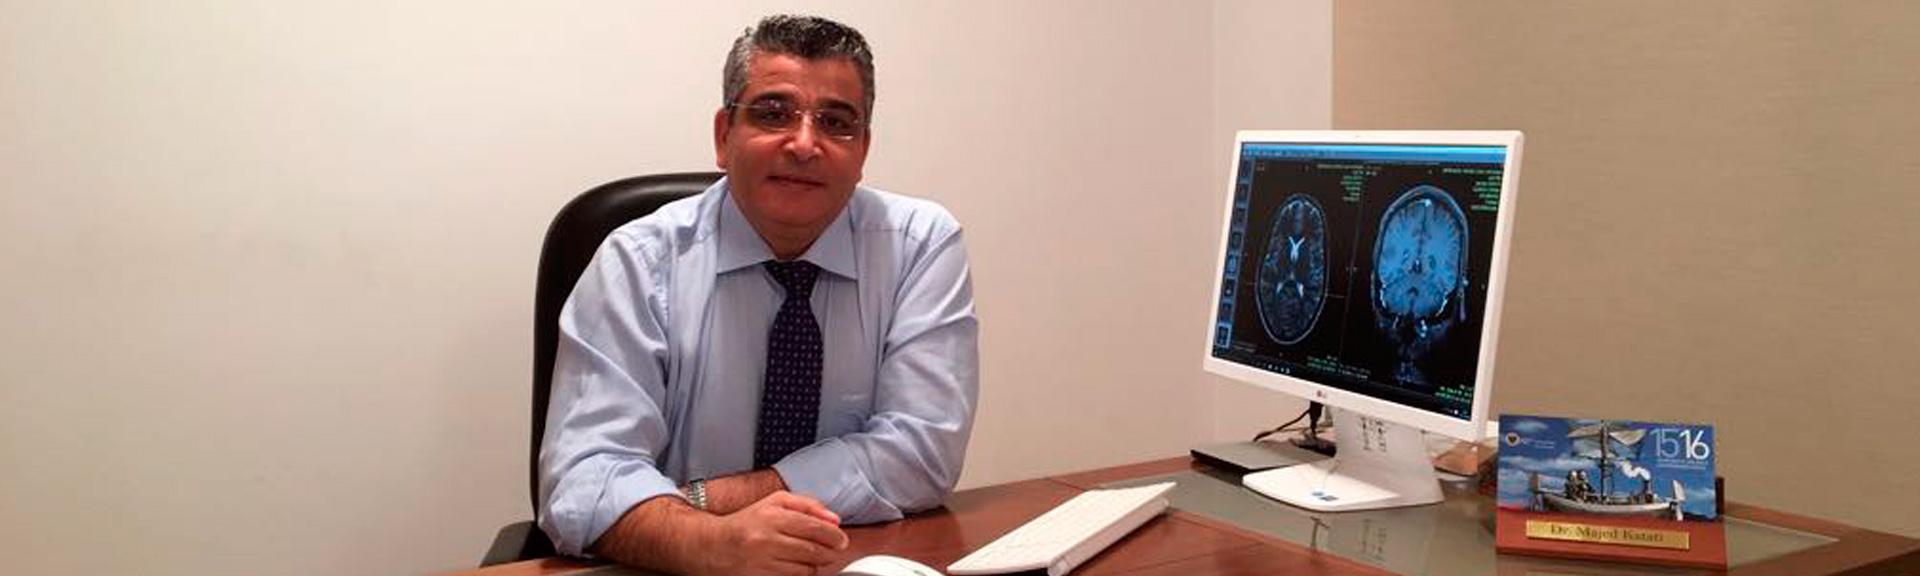 dr.katati